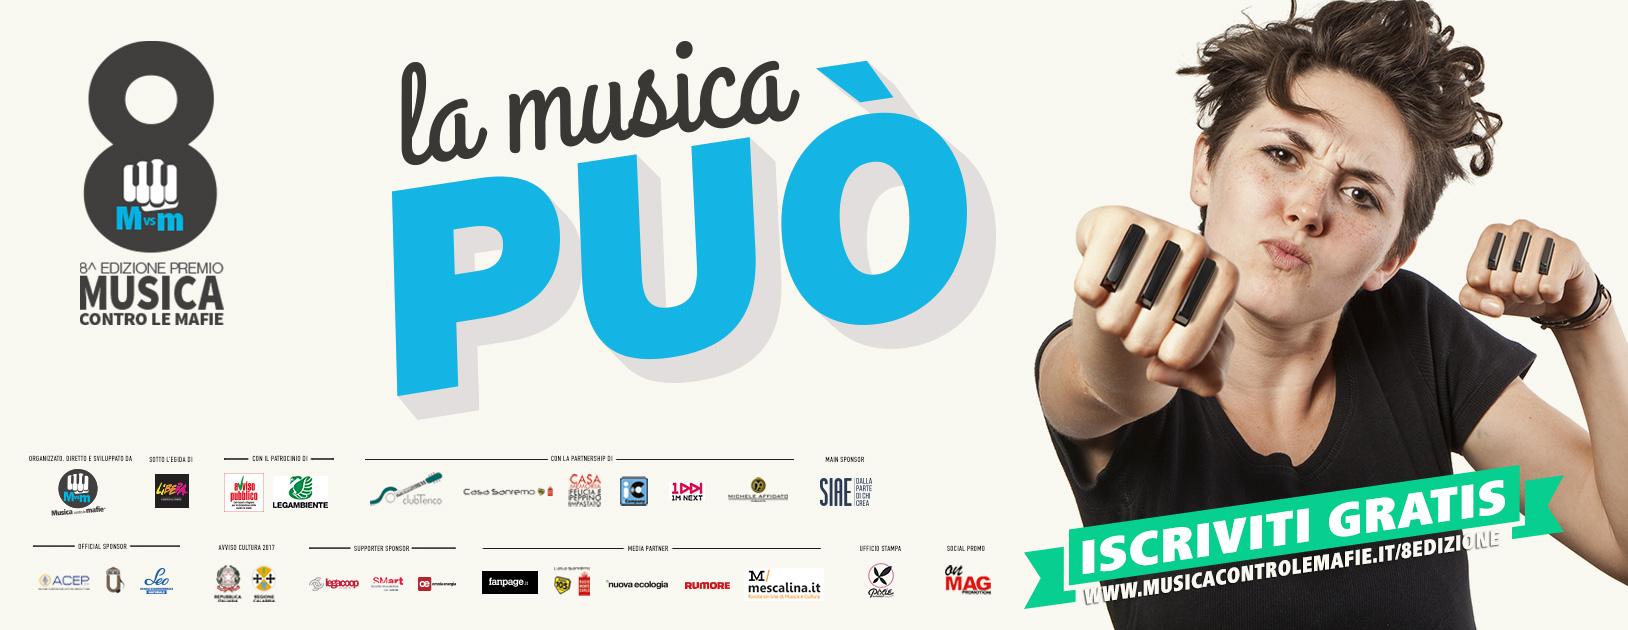 Sponsor musica